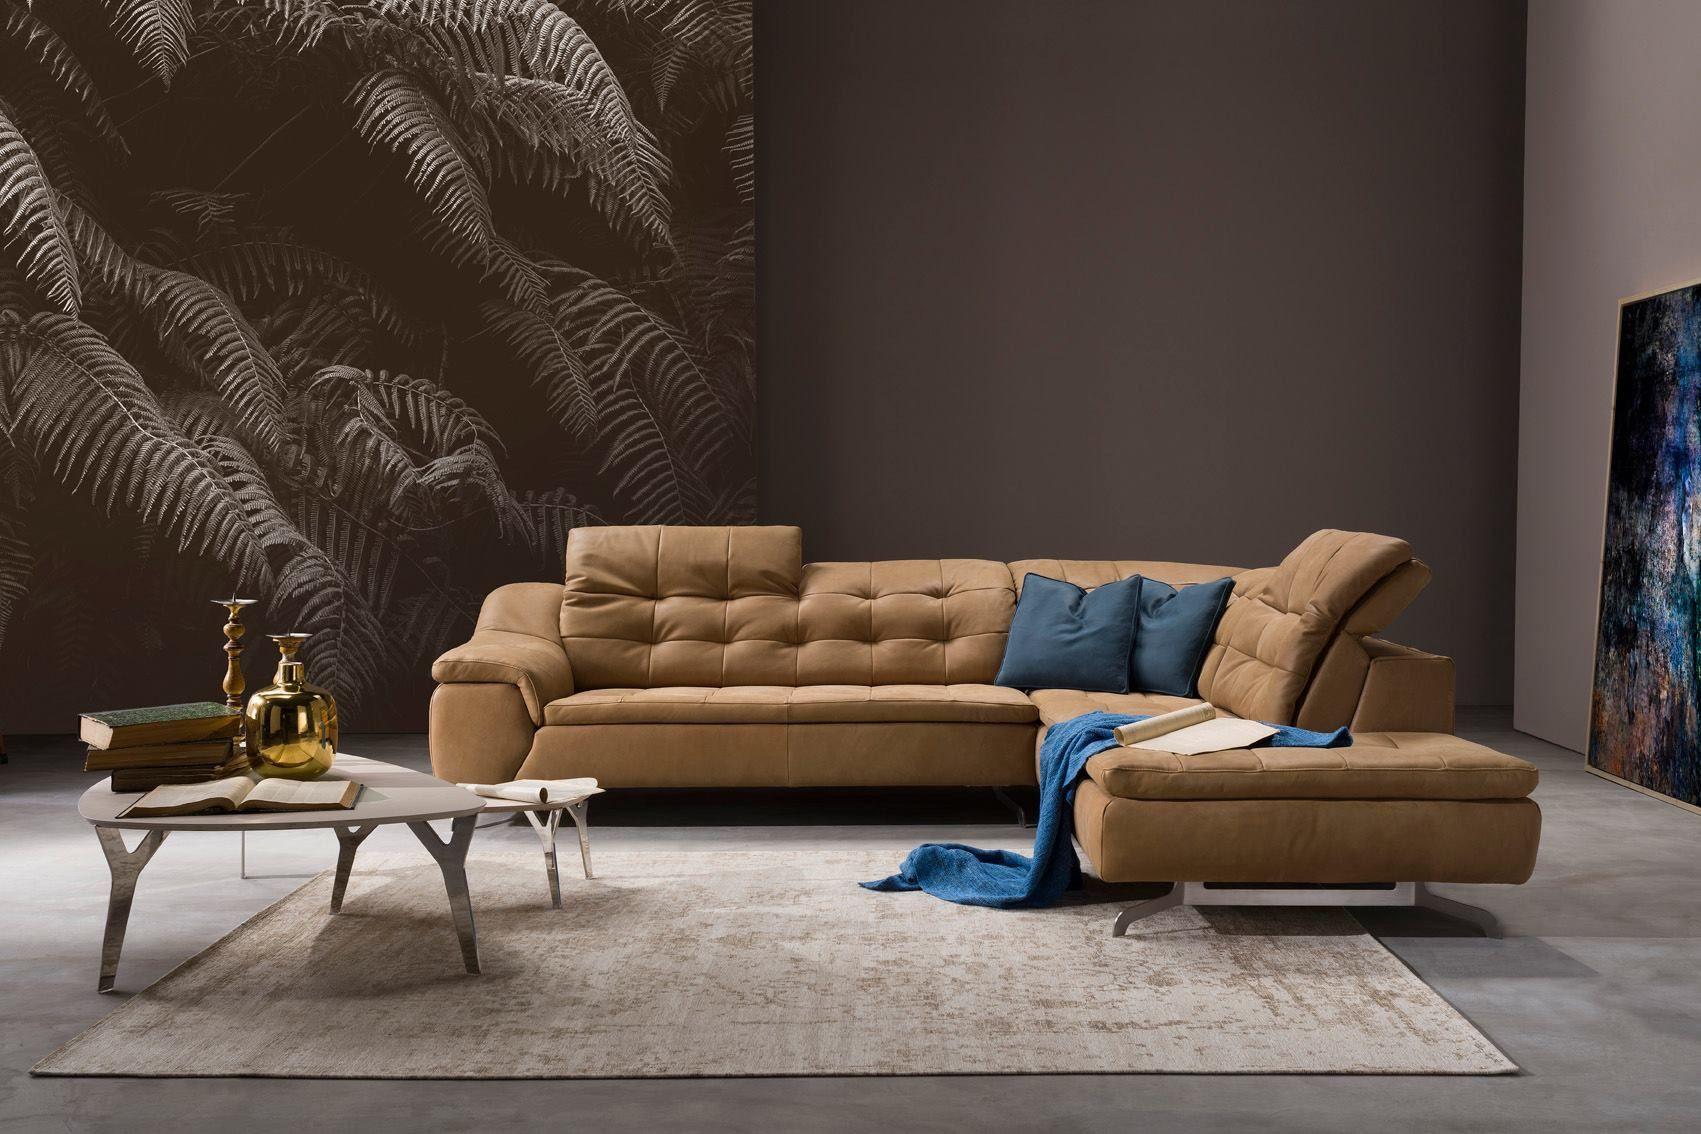 Pin By Carin On 色彩 | Italian Sofa, Italian Sofa Designs, Lounge Suites